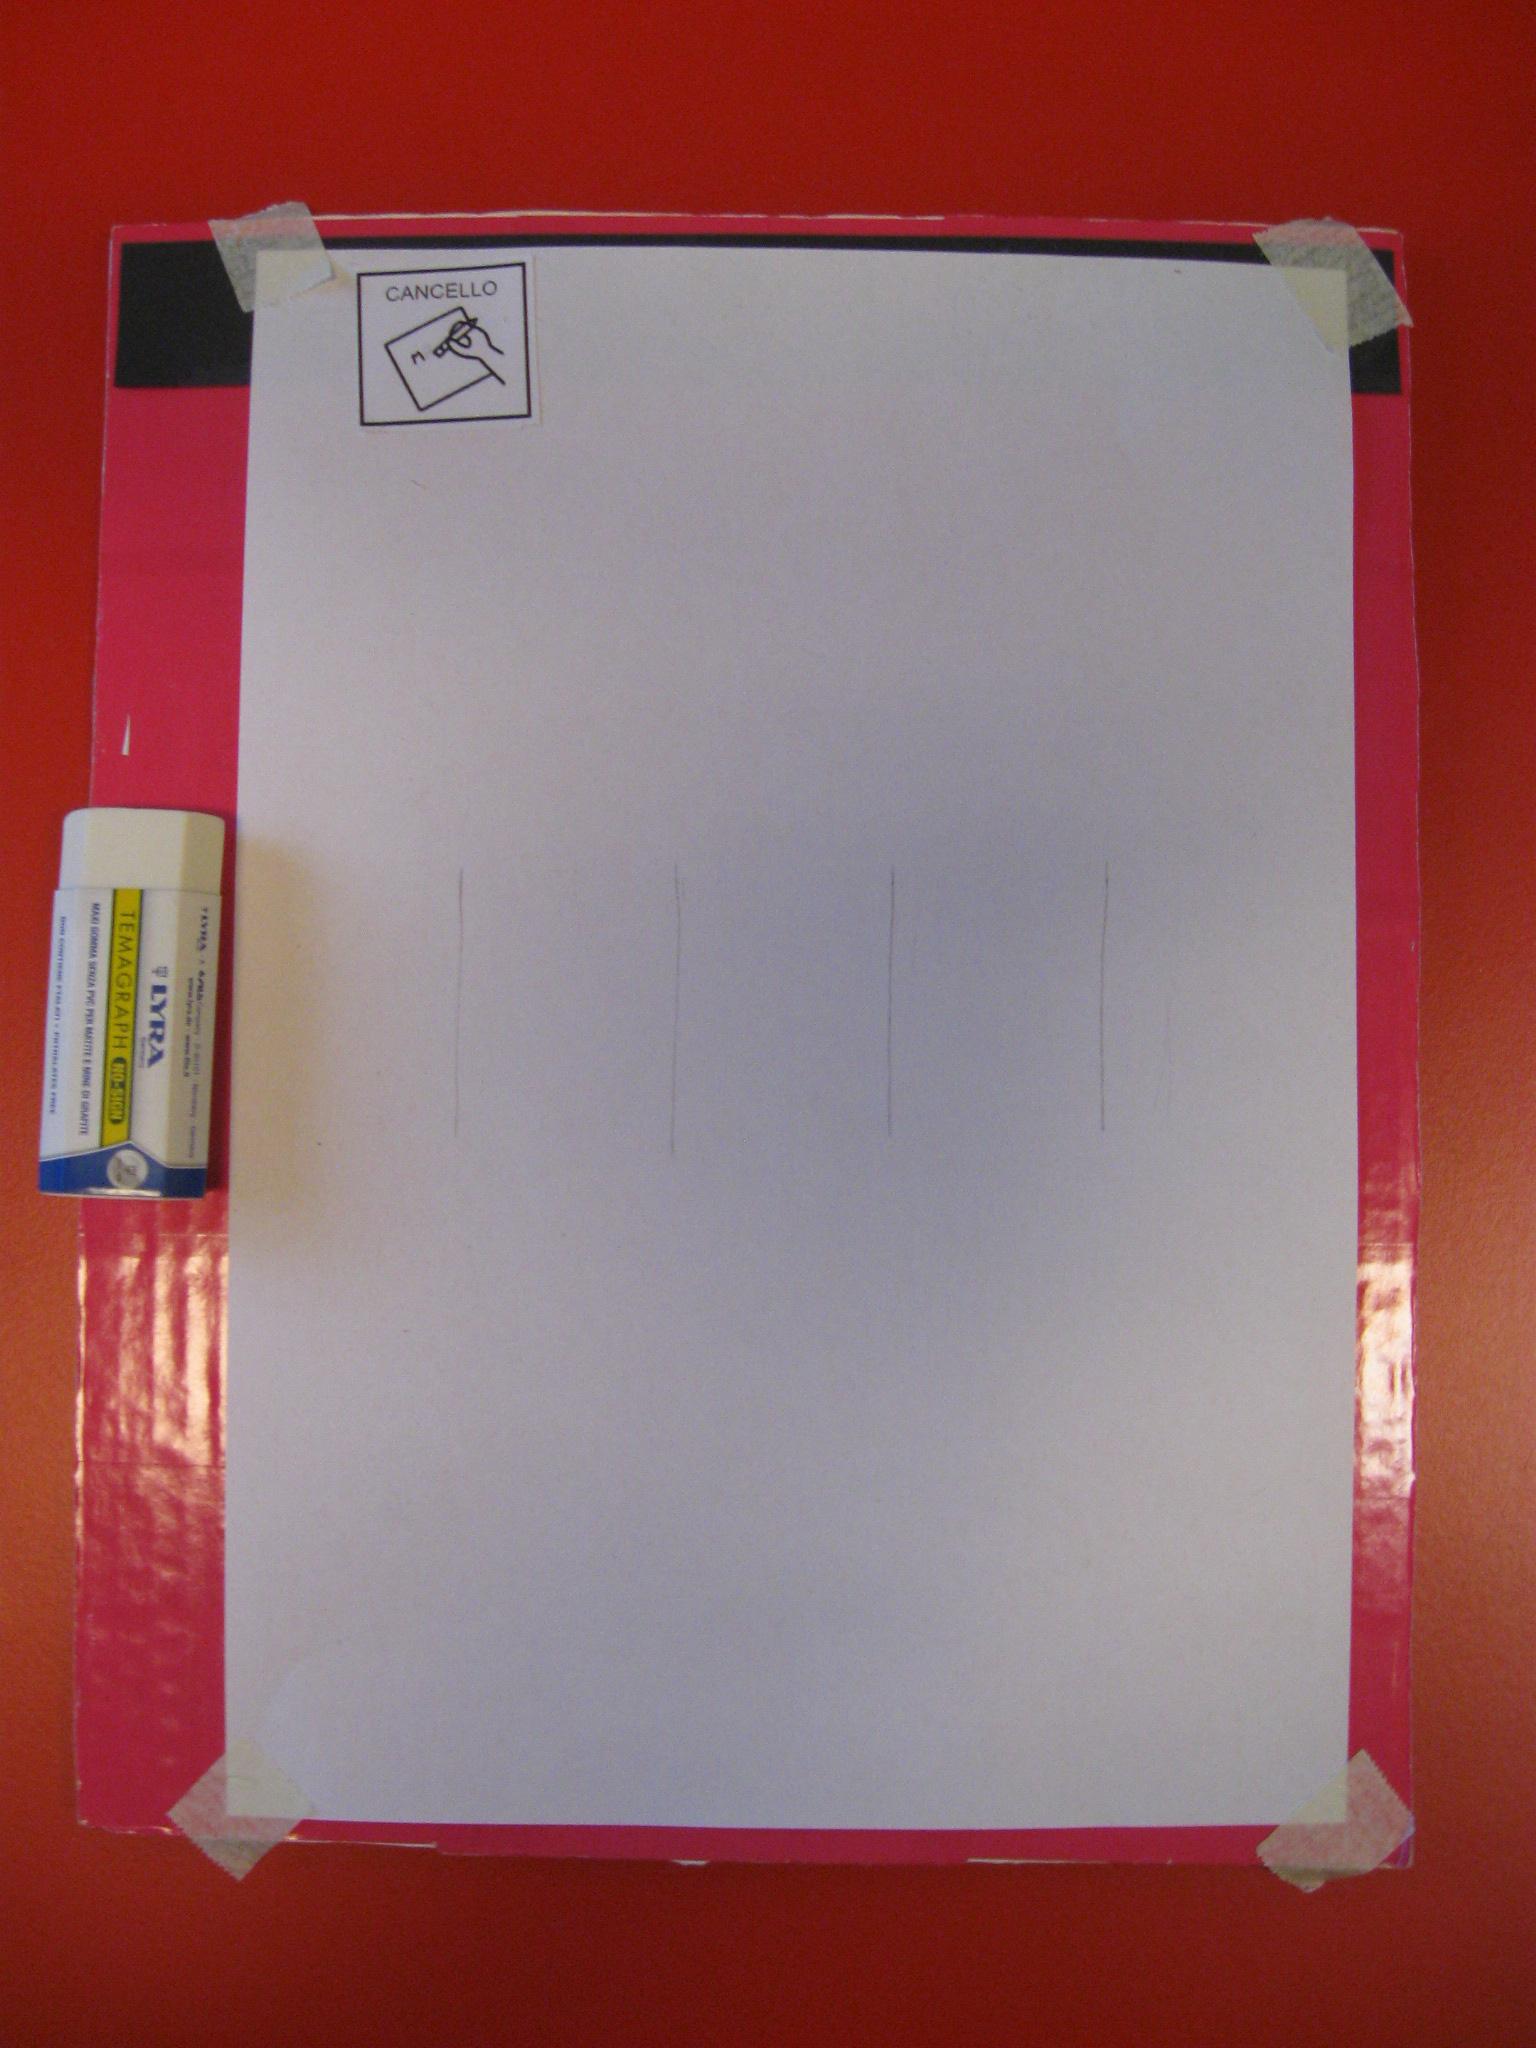 Su un cartone è fissato un foglio con disegnate quattro linee verticali in matita. A sinistra del foglio è posizionata una gomma.